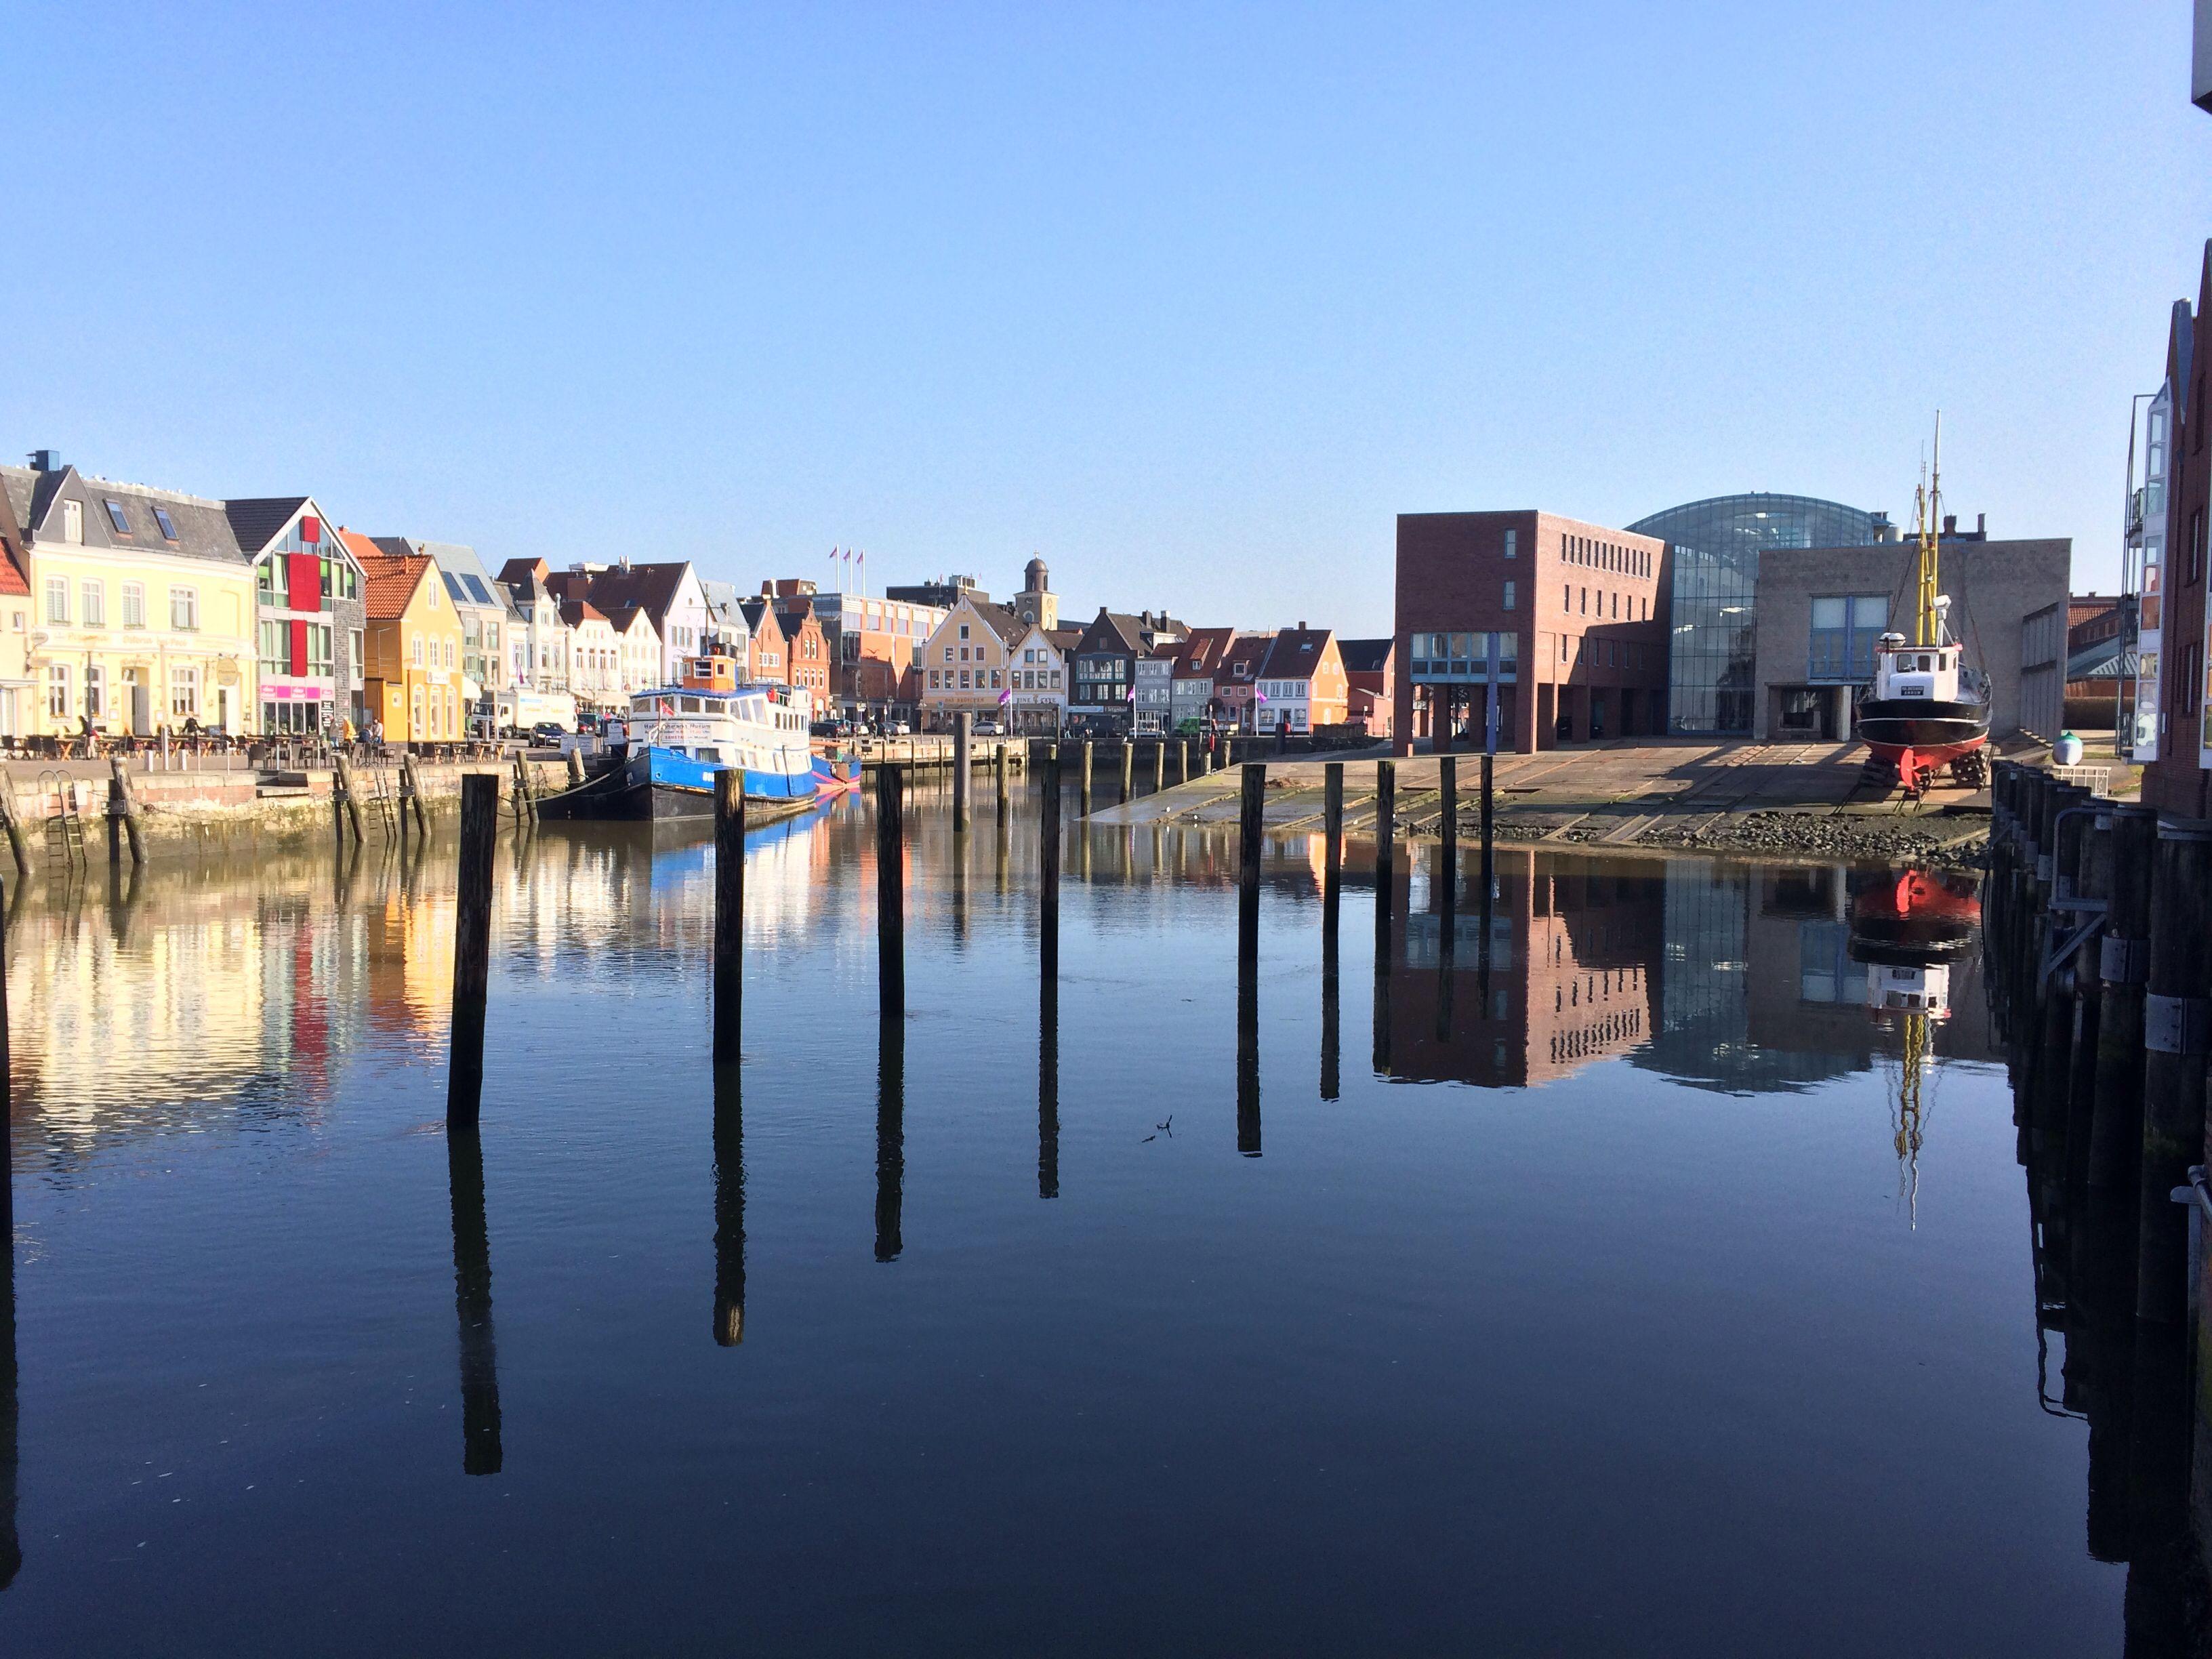 Hafen #Husum